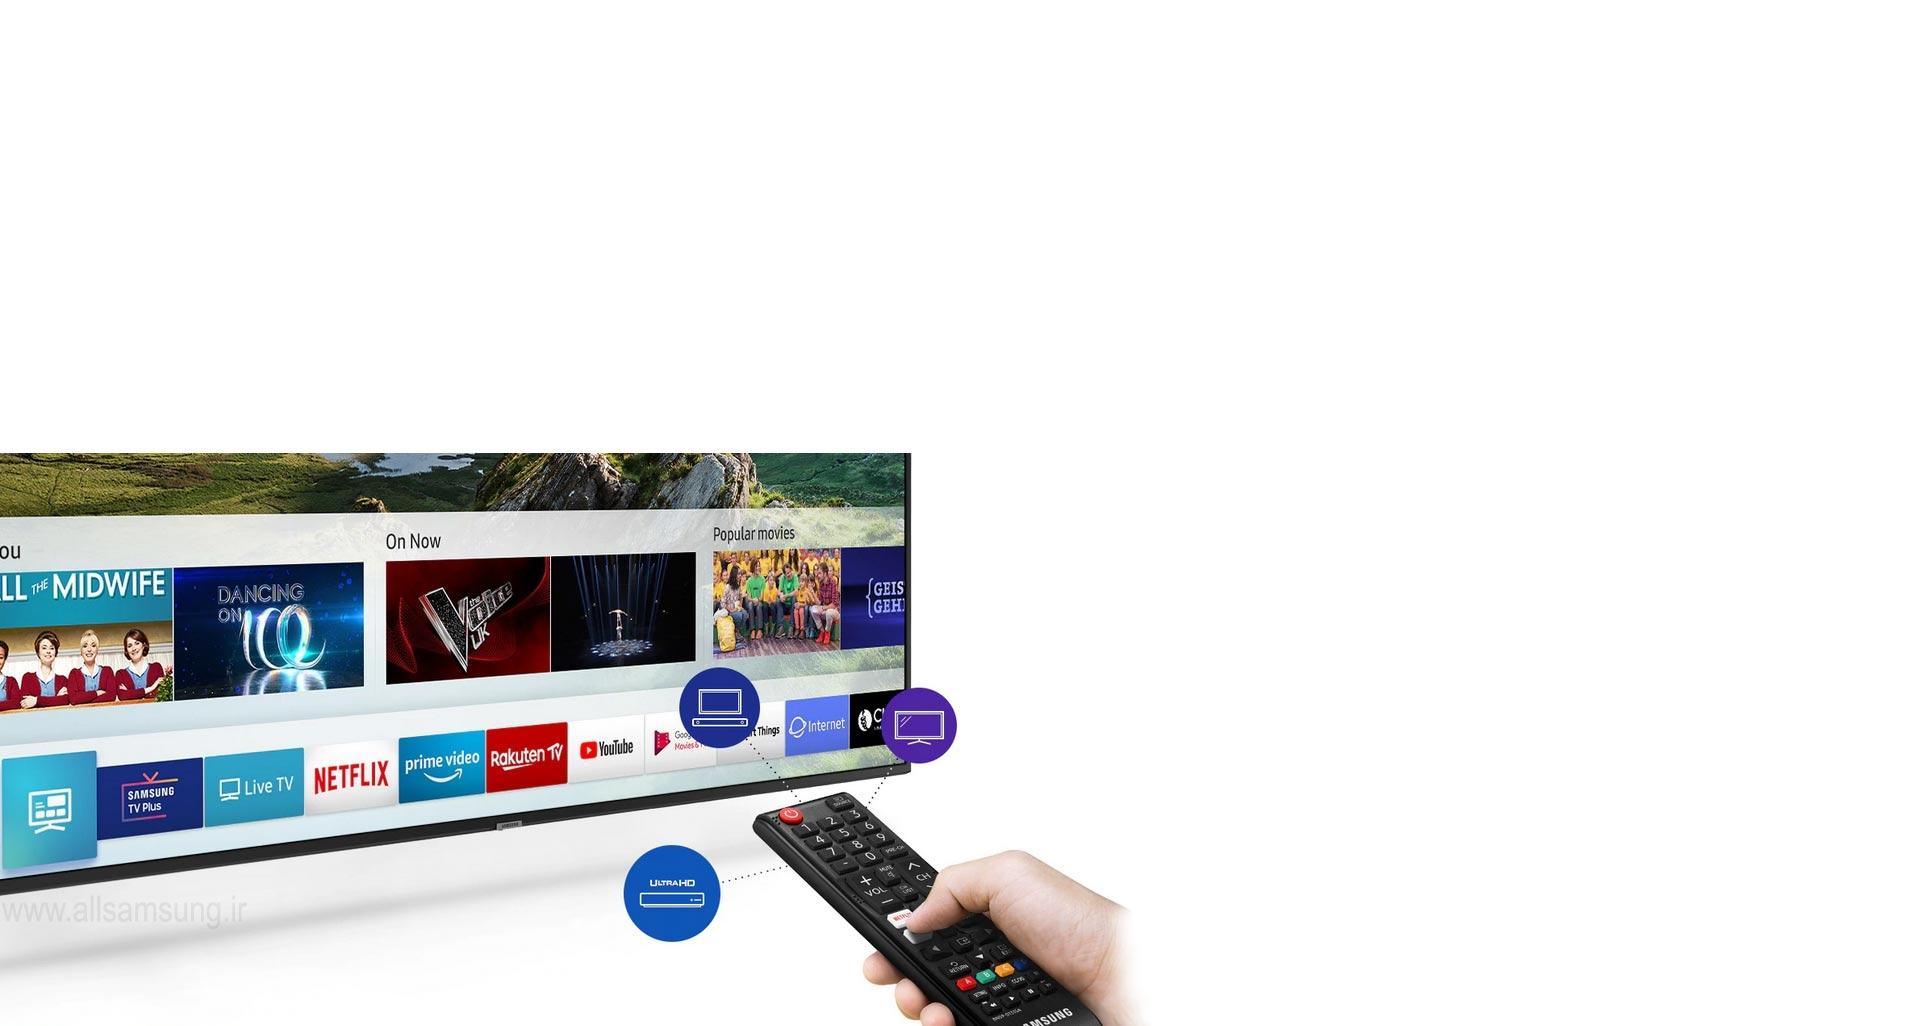 همه محتوا و دستگاه ها در تصرف تلویزیون ru7100 سامسونگ